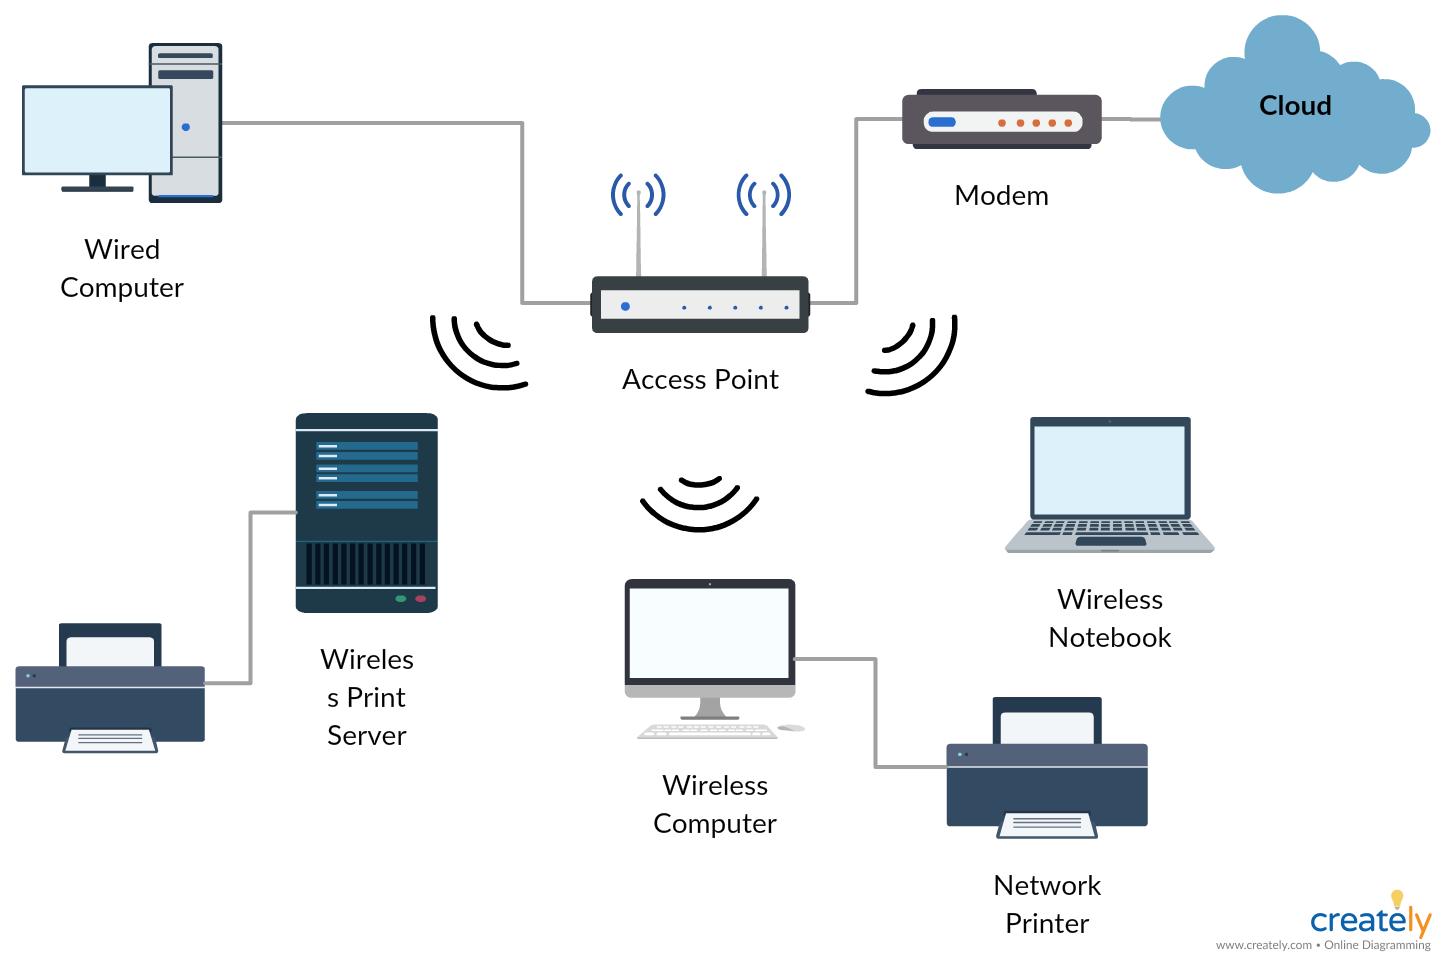 schematic diagram wireless printer data diagram schematicschematic diagram wireless printer wiring diagrams konsult schematic diagram wireless [ 1445 x 961 Pixel ]